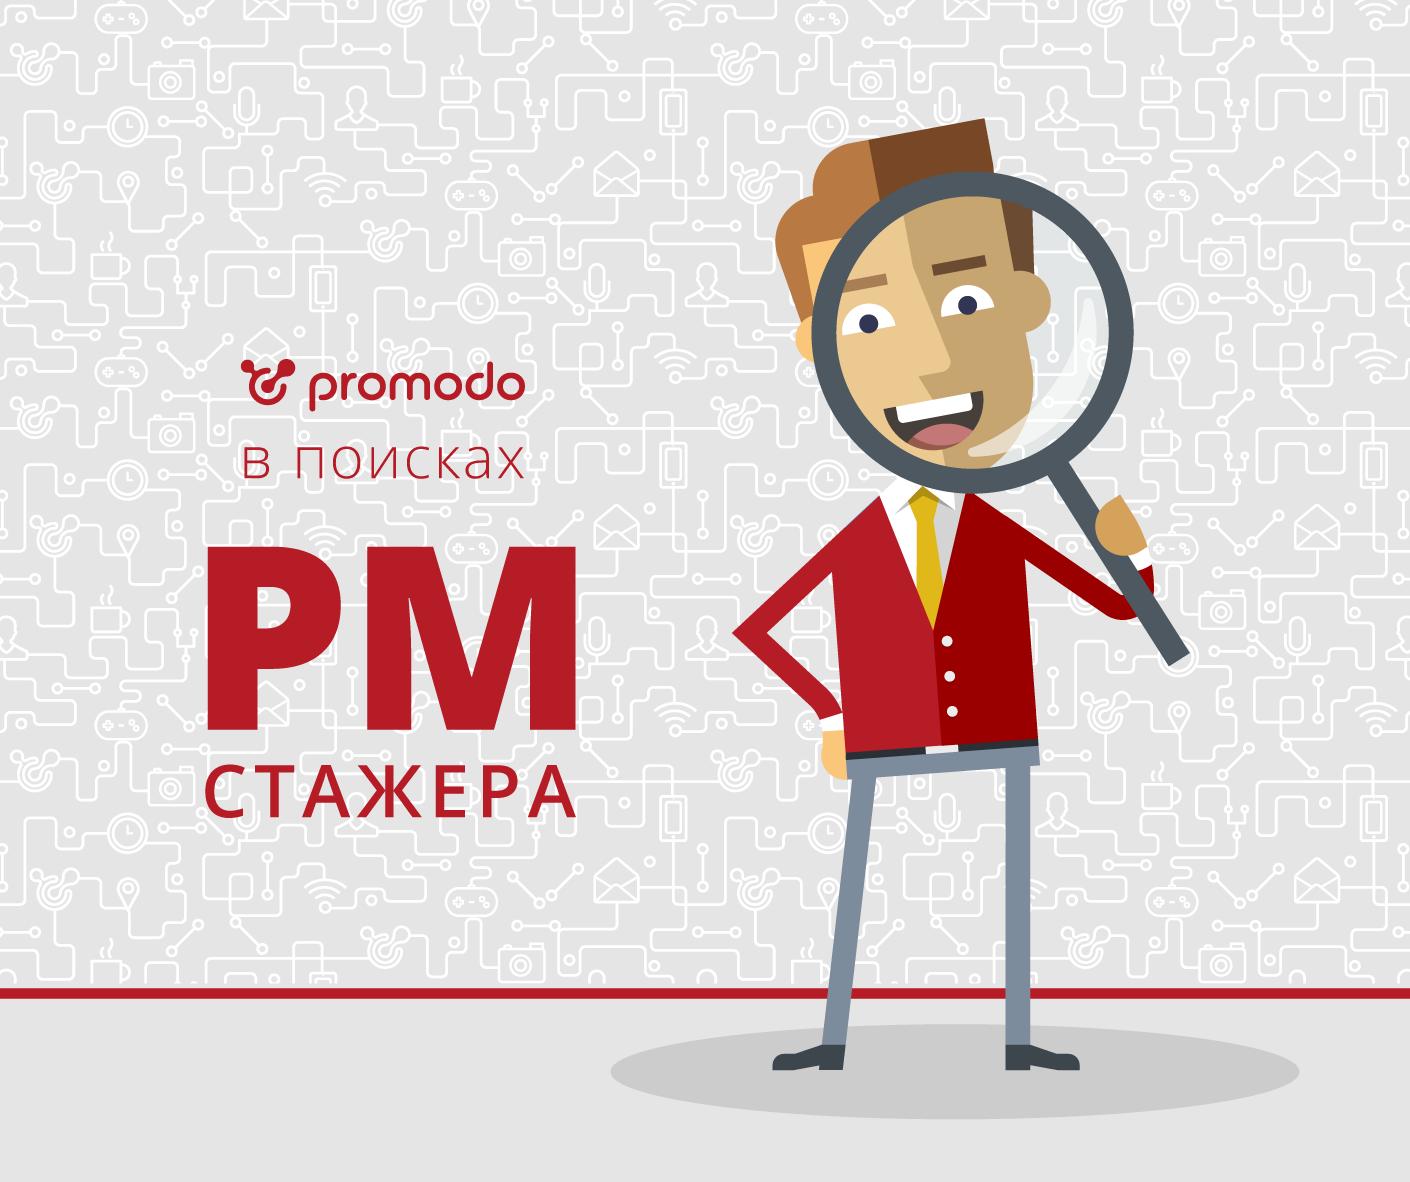 Promodo в поиске PM-стажера